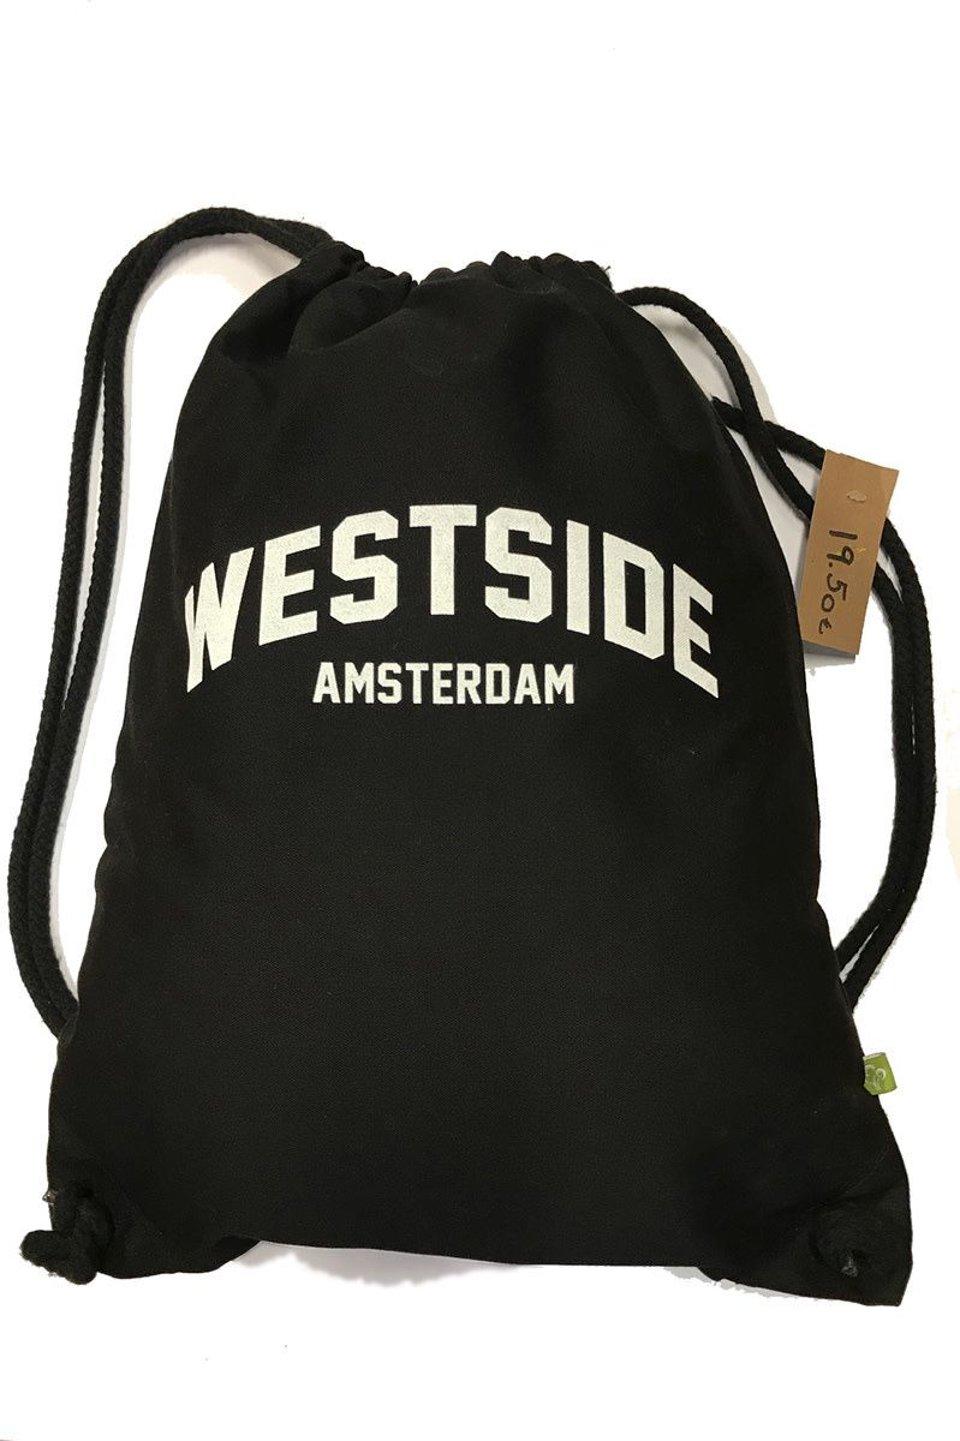 Westside Amsterdam Gym Bag - Organic